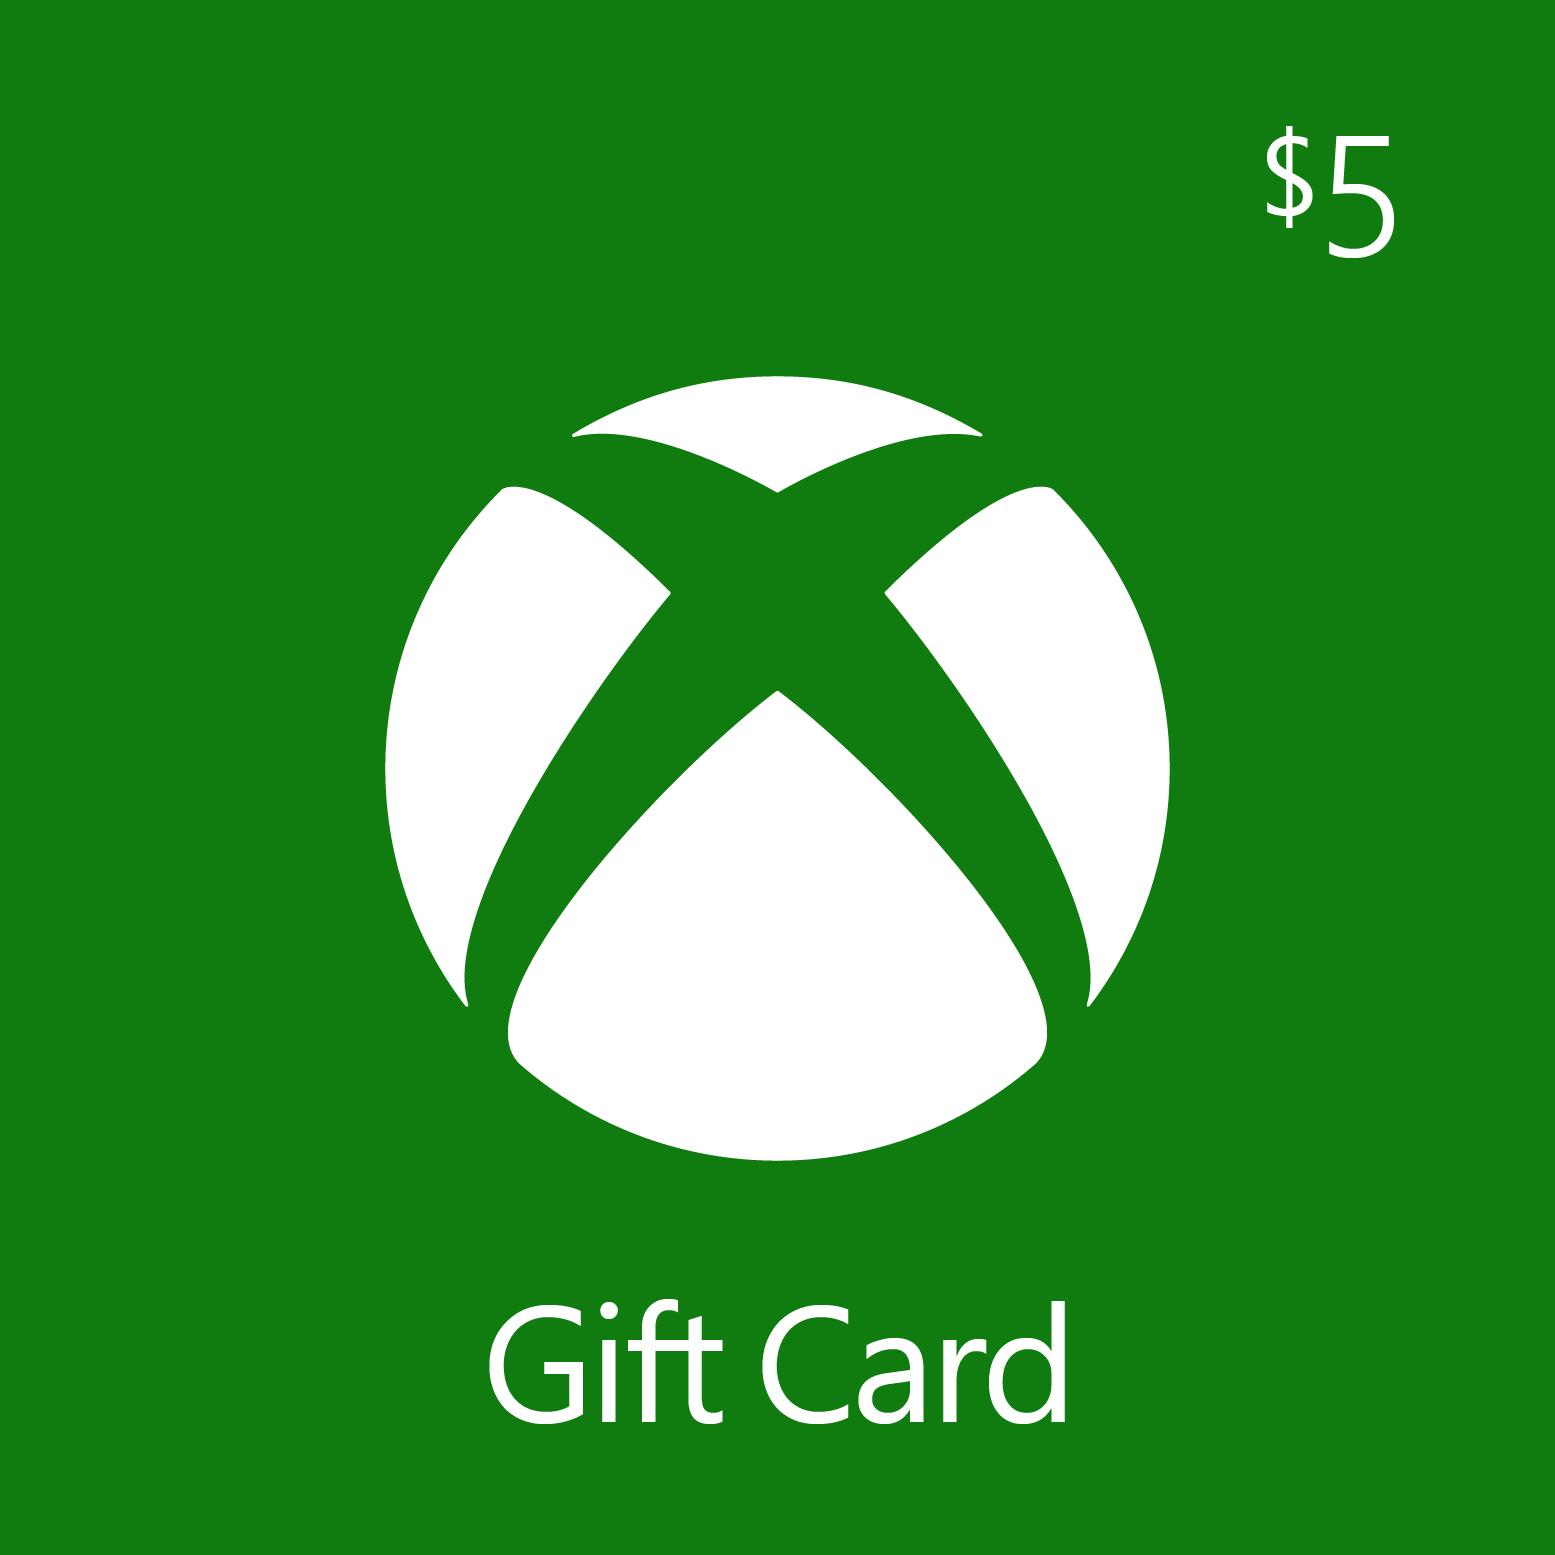 $5.00 Xbox Digital Gift Card